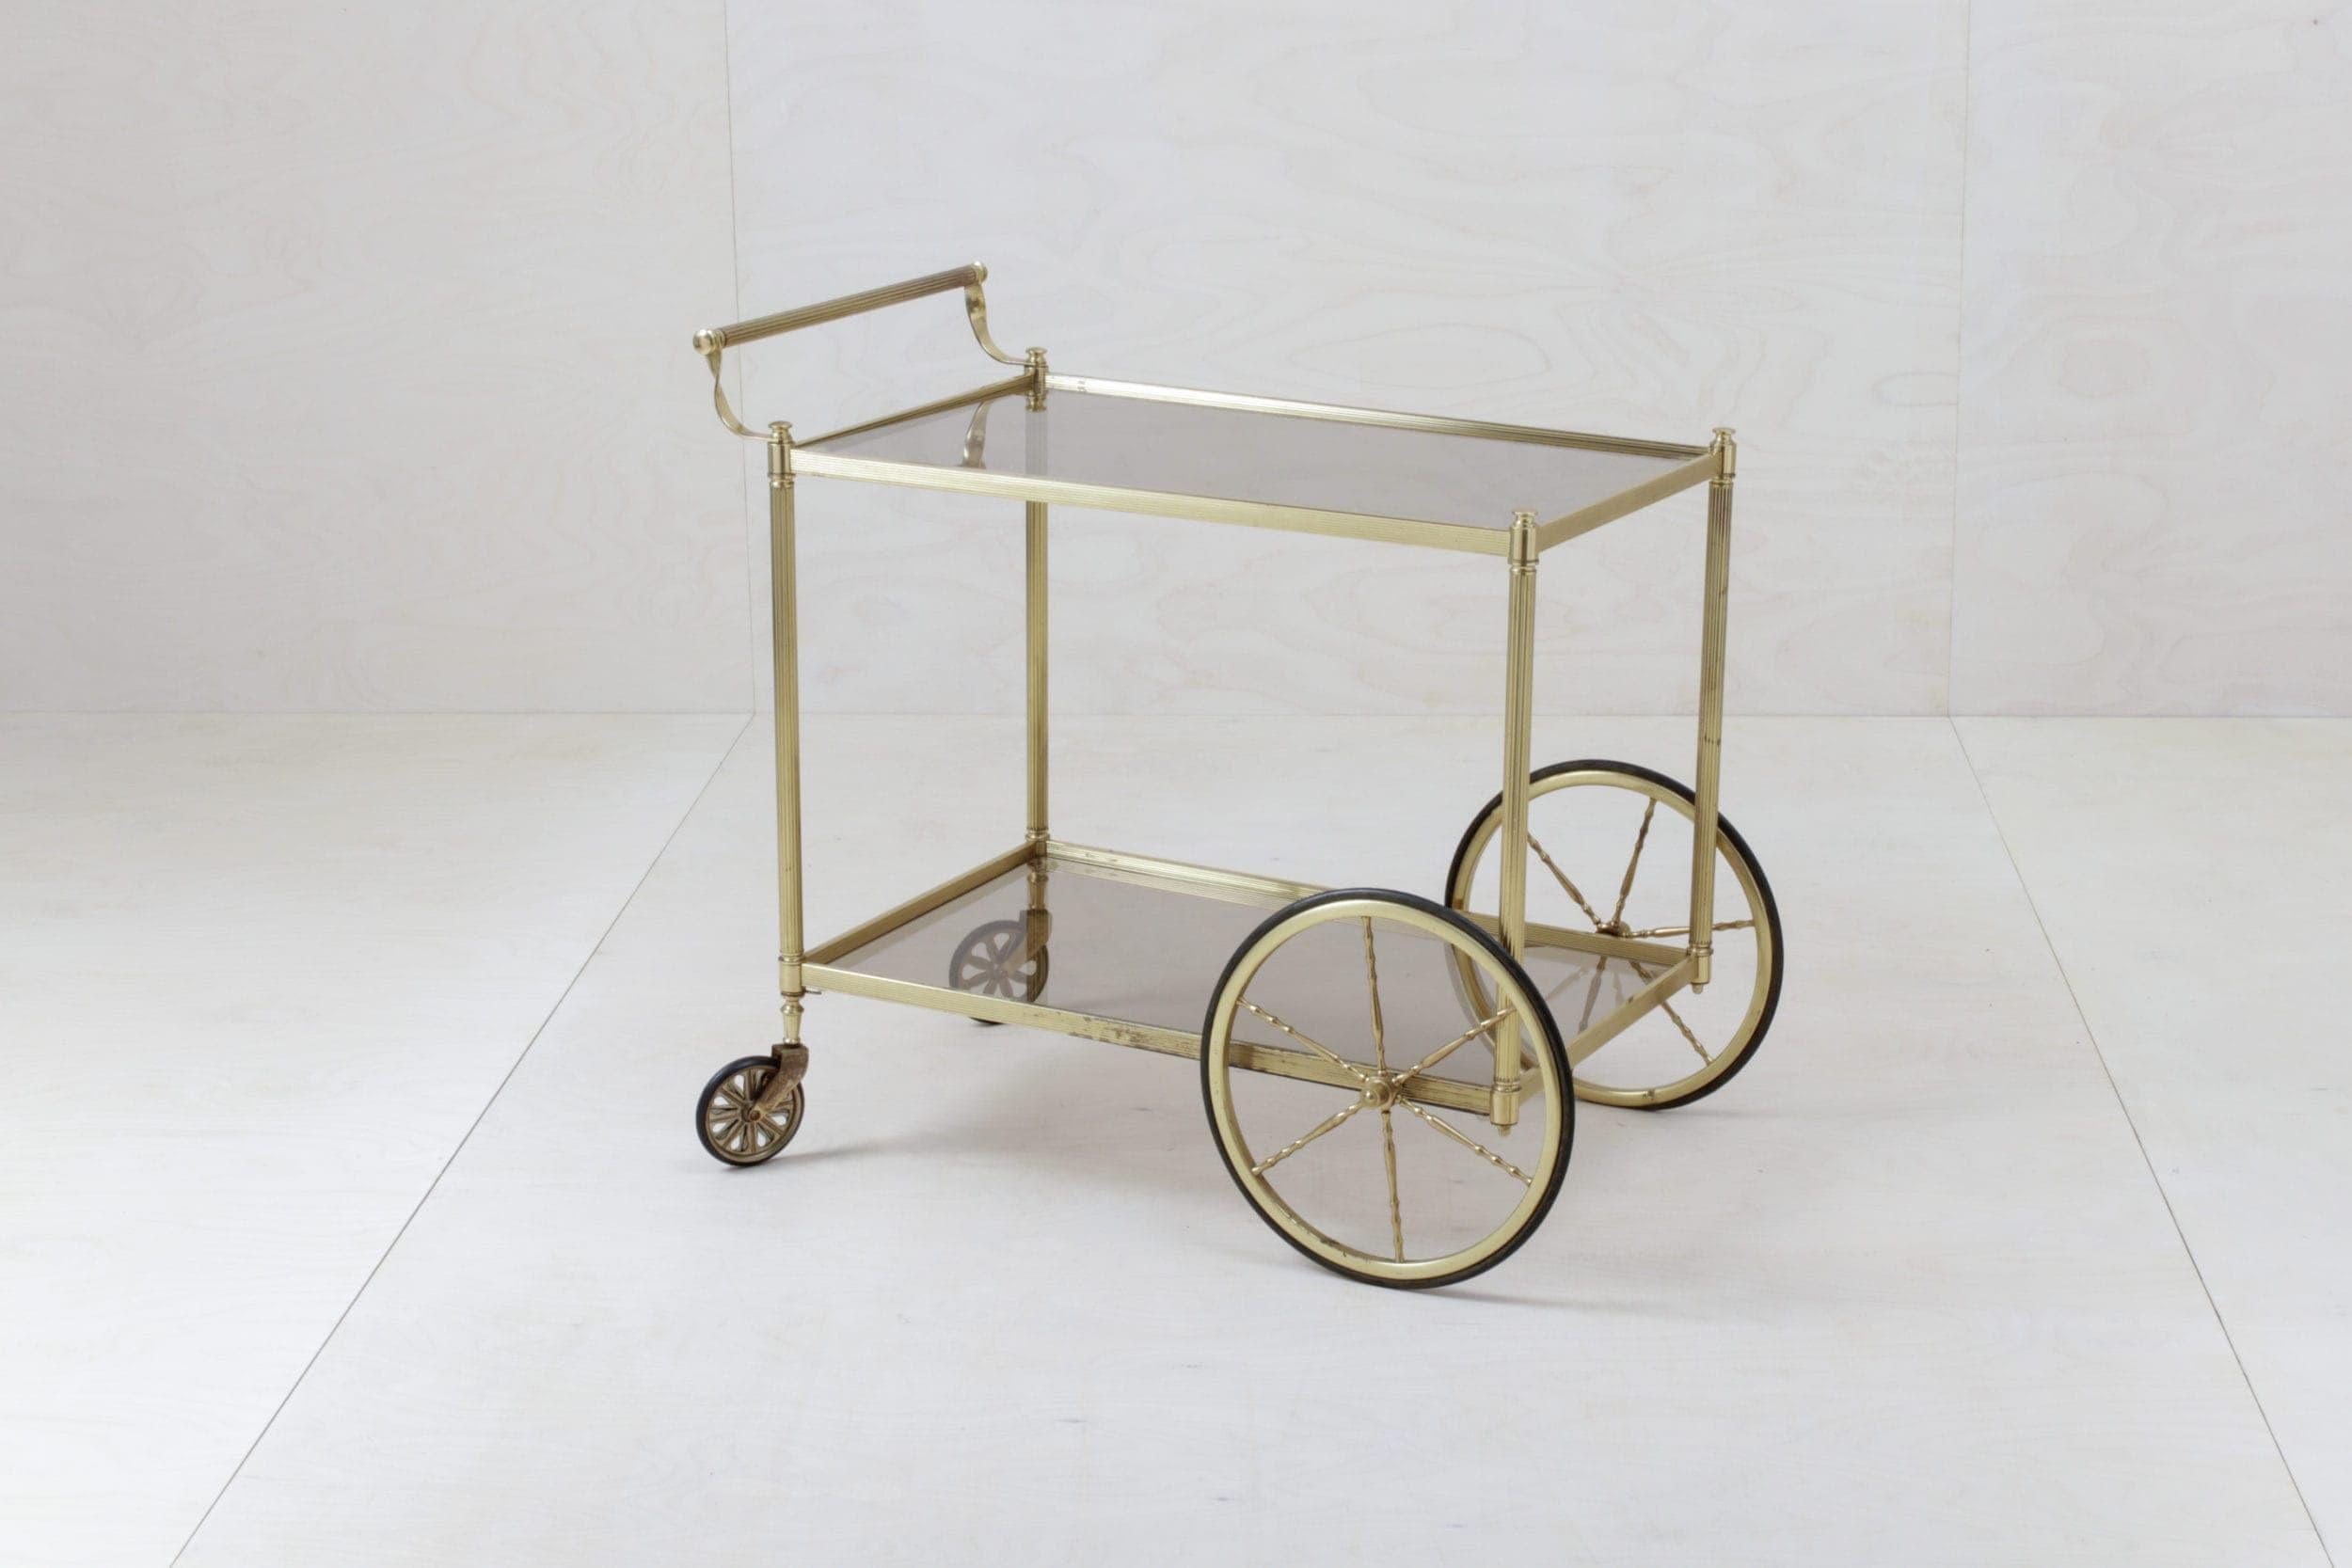 Servierwagen Agatha | Eleganz in Glas und Gold: Servierwagen mit zwei Glasböden, ideal für kleine Dekorationen bzw. klassisch für z.B. Whisky-Dekanter. | gotvintage Rental & Event Design